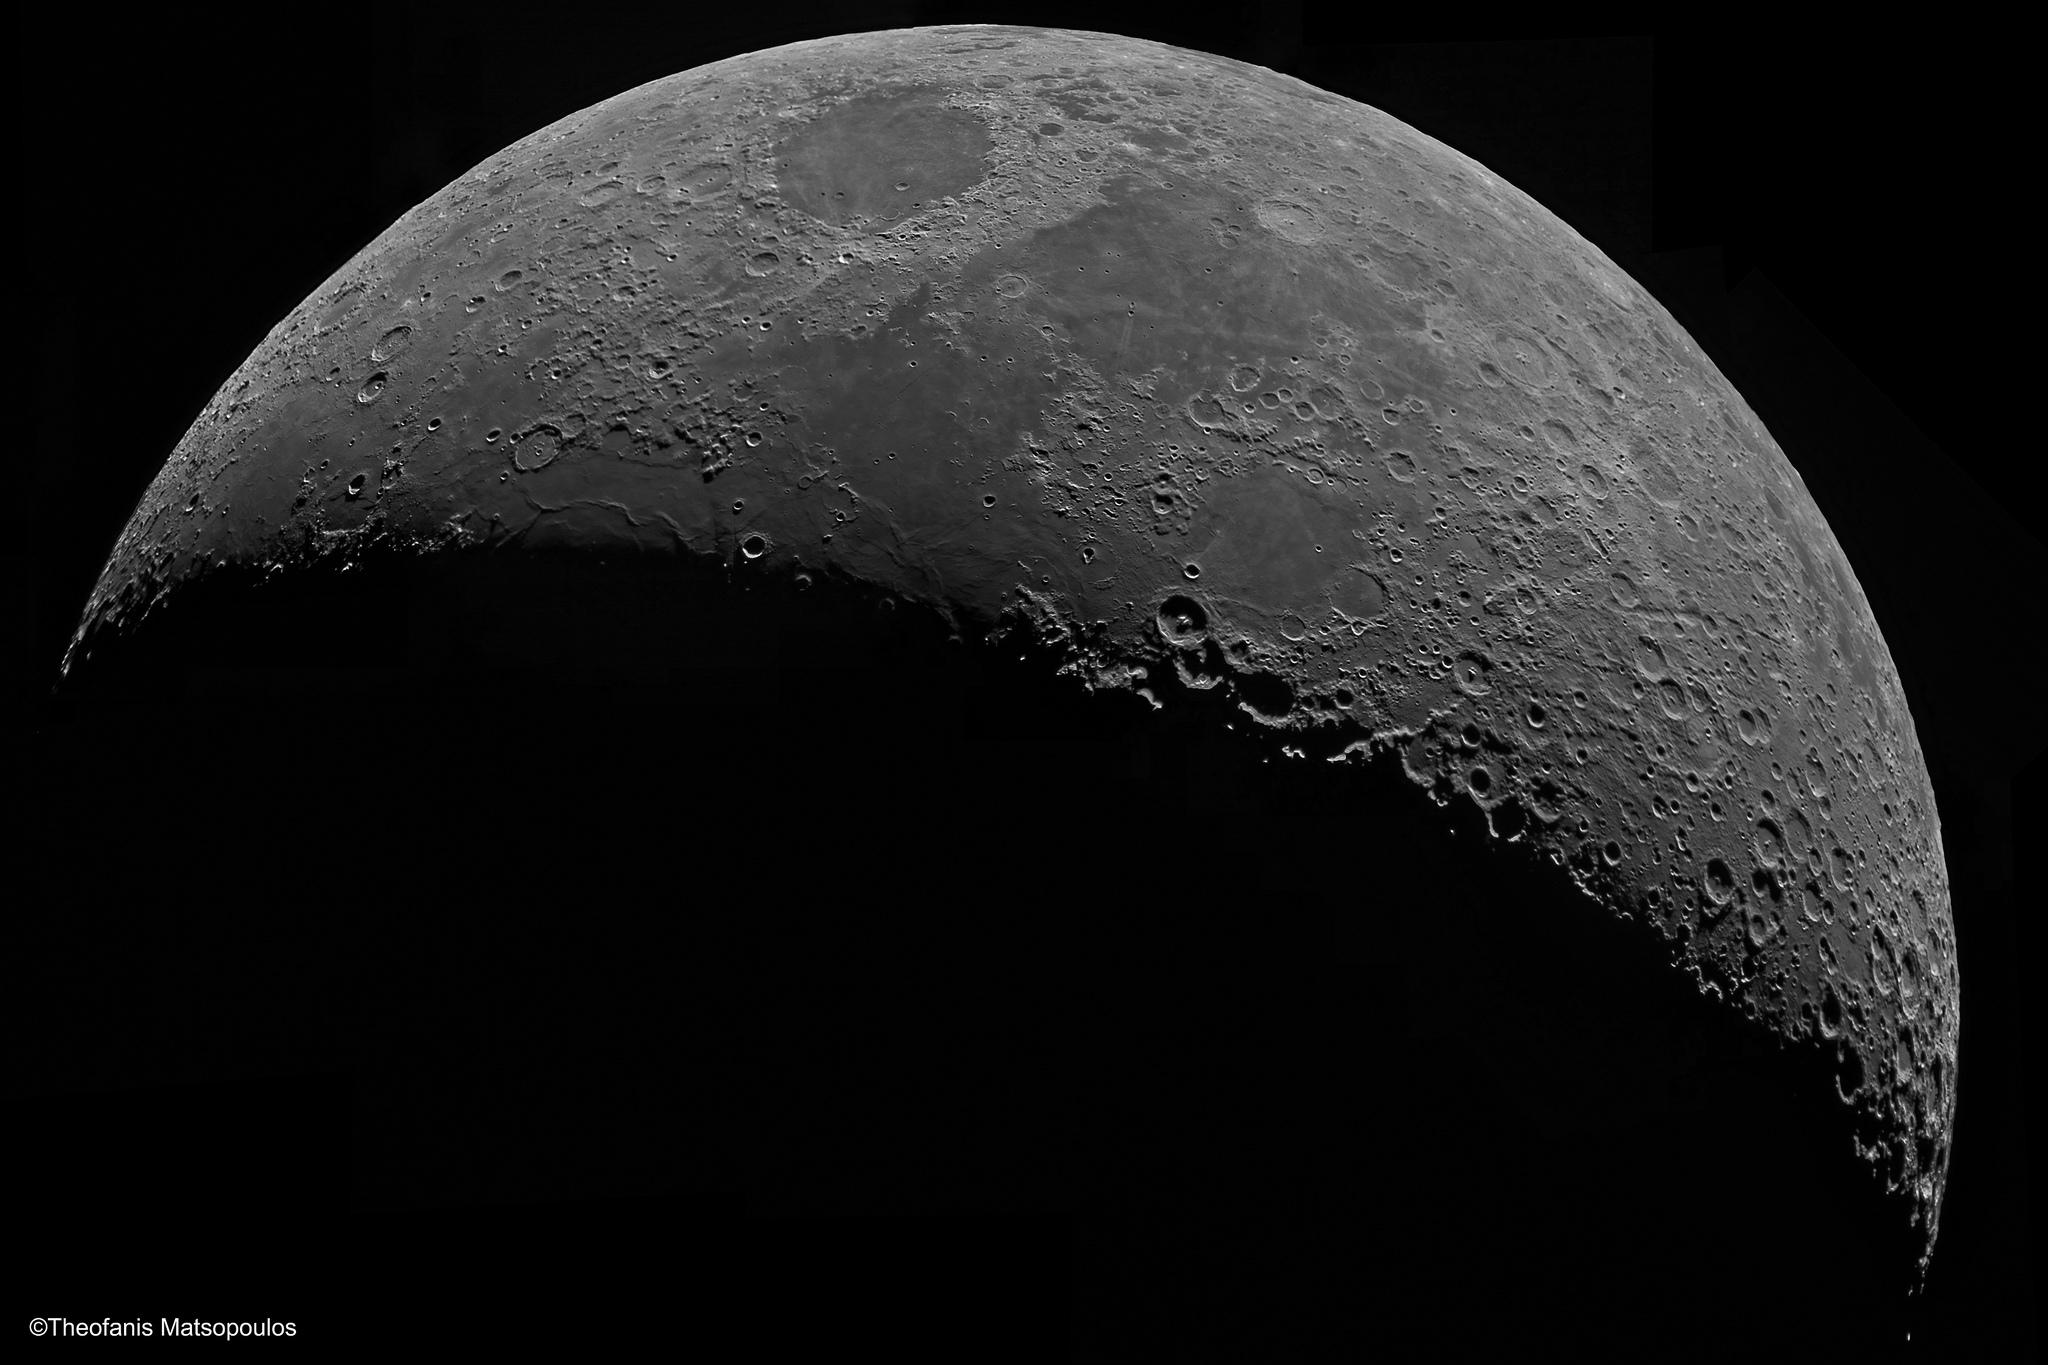 Moon Mosaic (Newall Telescope) by Theofa